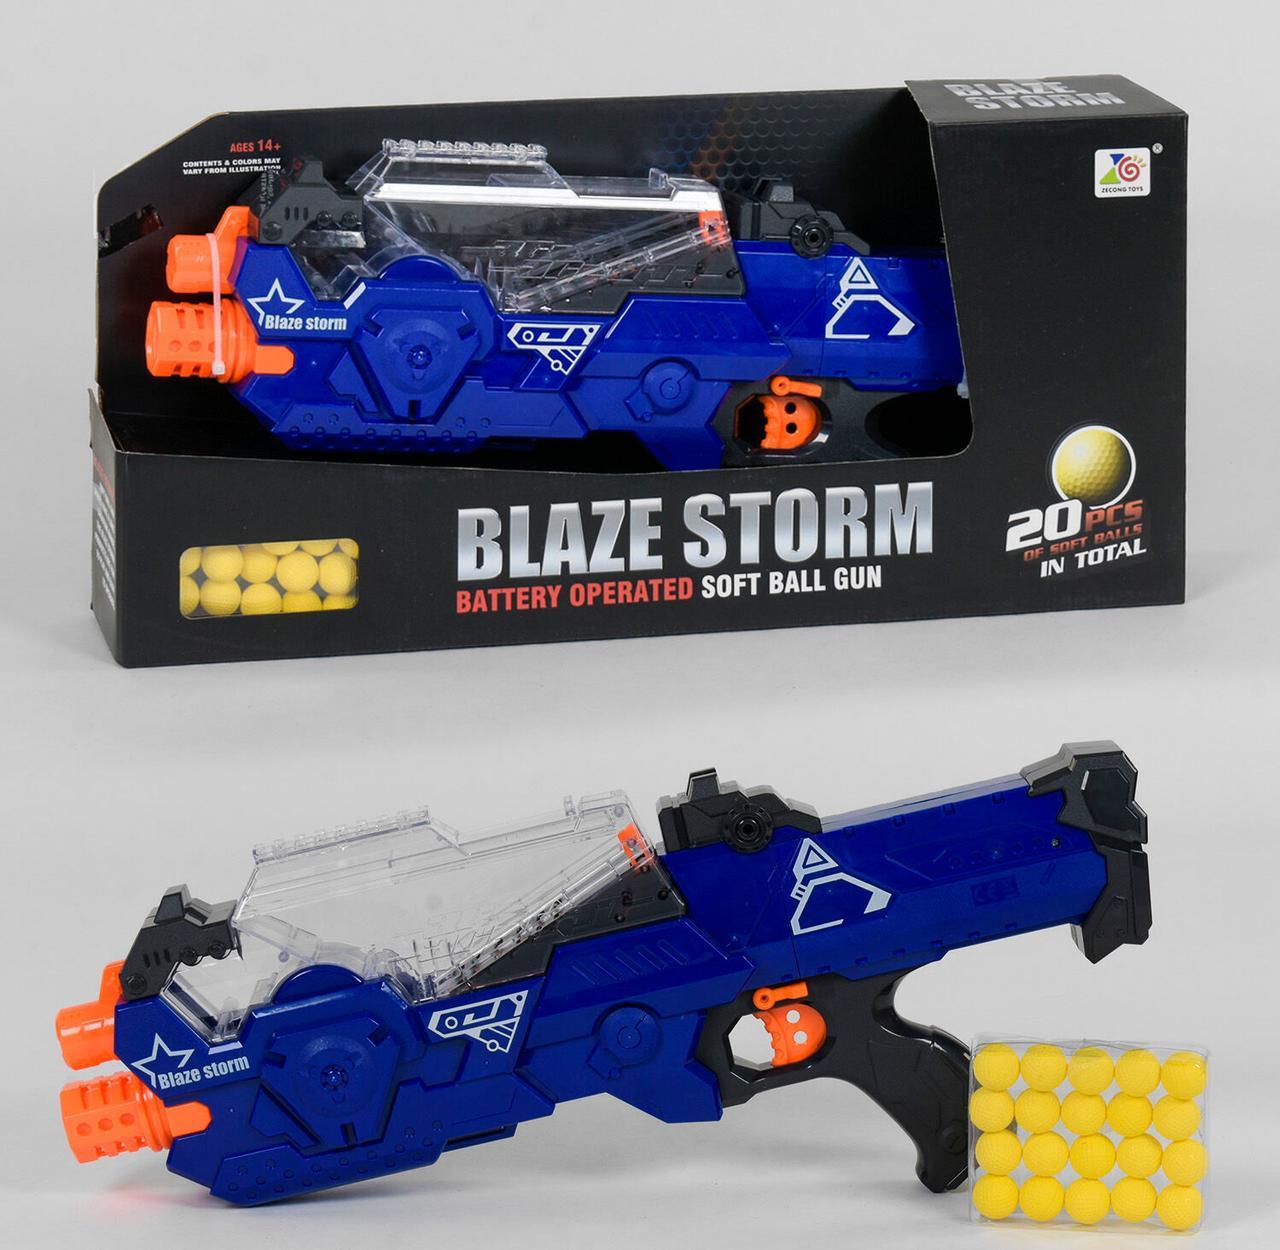 Автомат Blaze Storm ZC 7109 с мягкими шариками-пулями, на батарейках